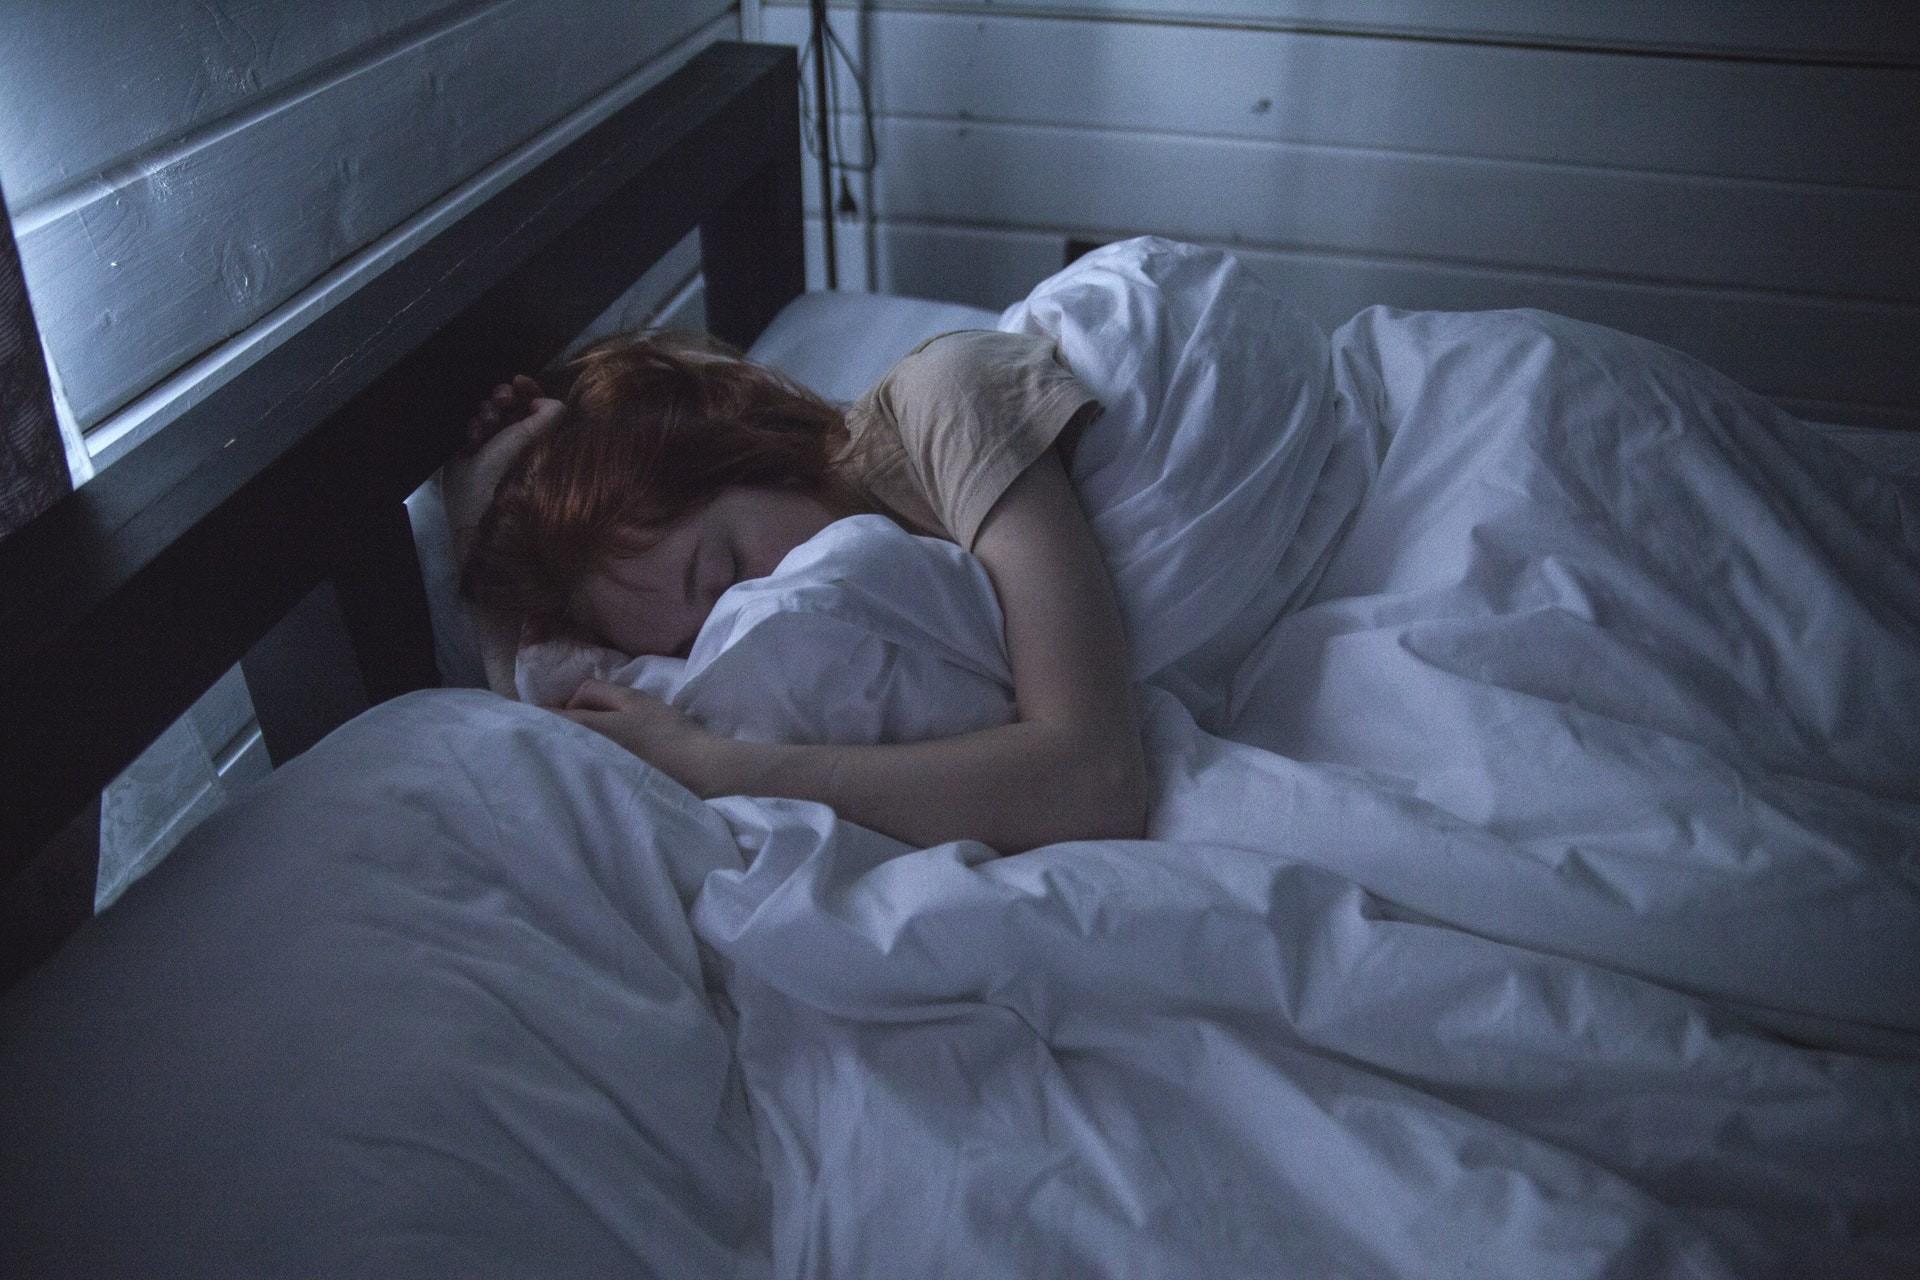 ▲睡覺,床。(圖/翻攝PEXELS)